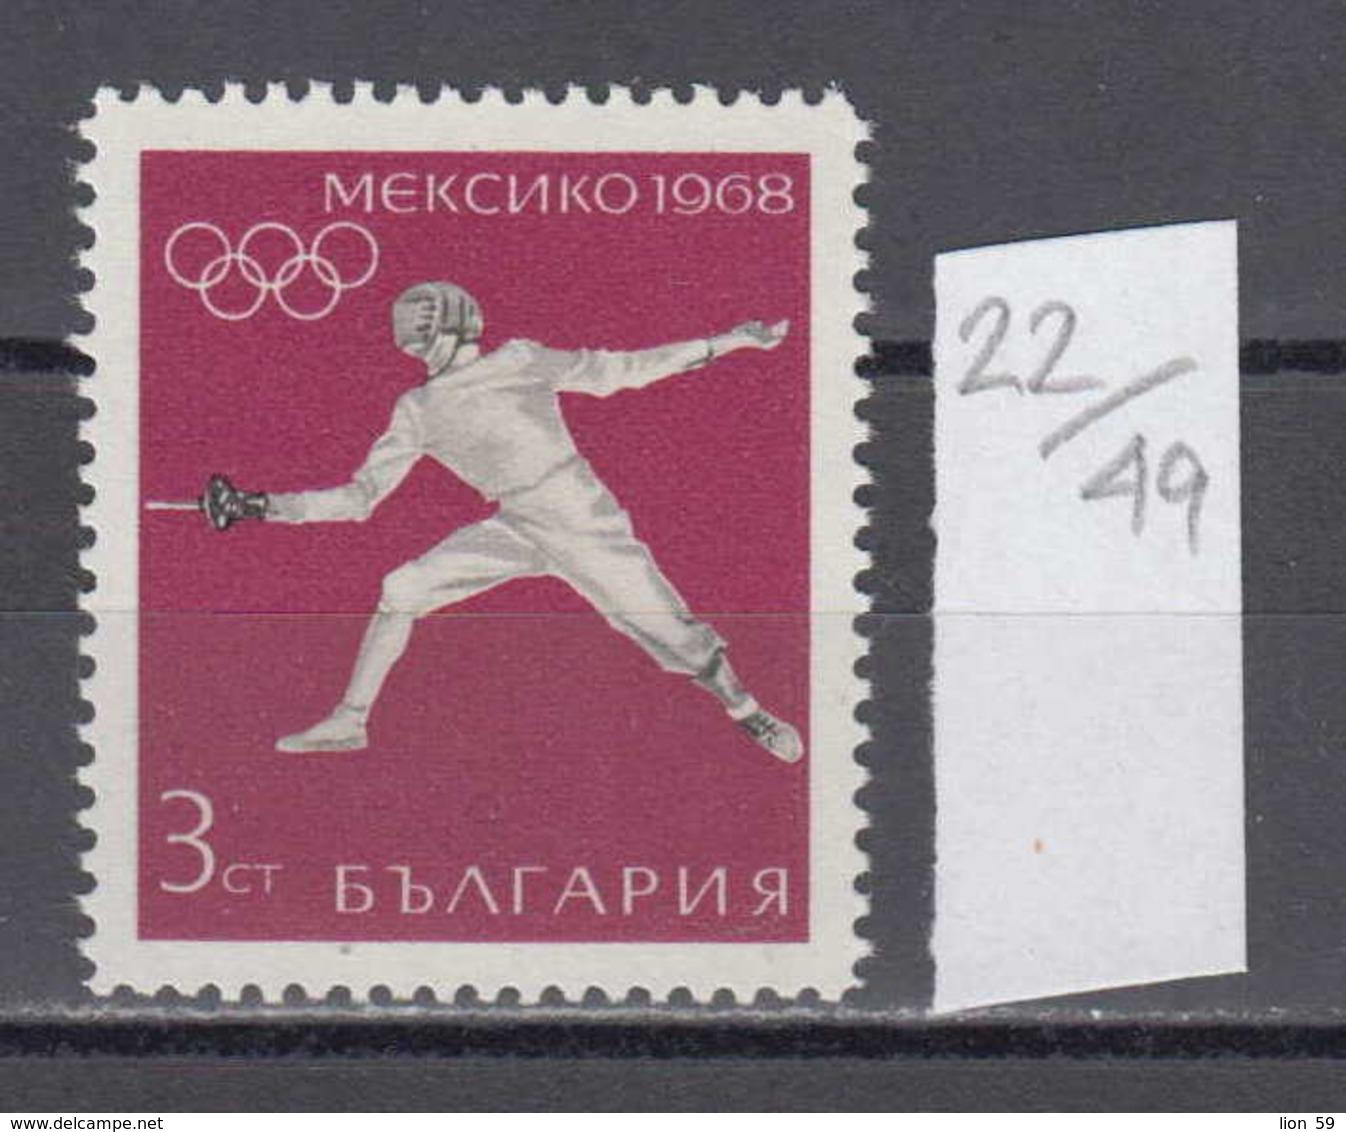 49K22 / 1876 Bulgaria 1968 Michel Nr. 1812 - SPORT Fencing Escrime Fechten  Esgrima   , Olympic Games, Mexico - Fencing